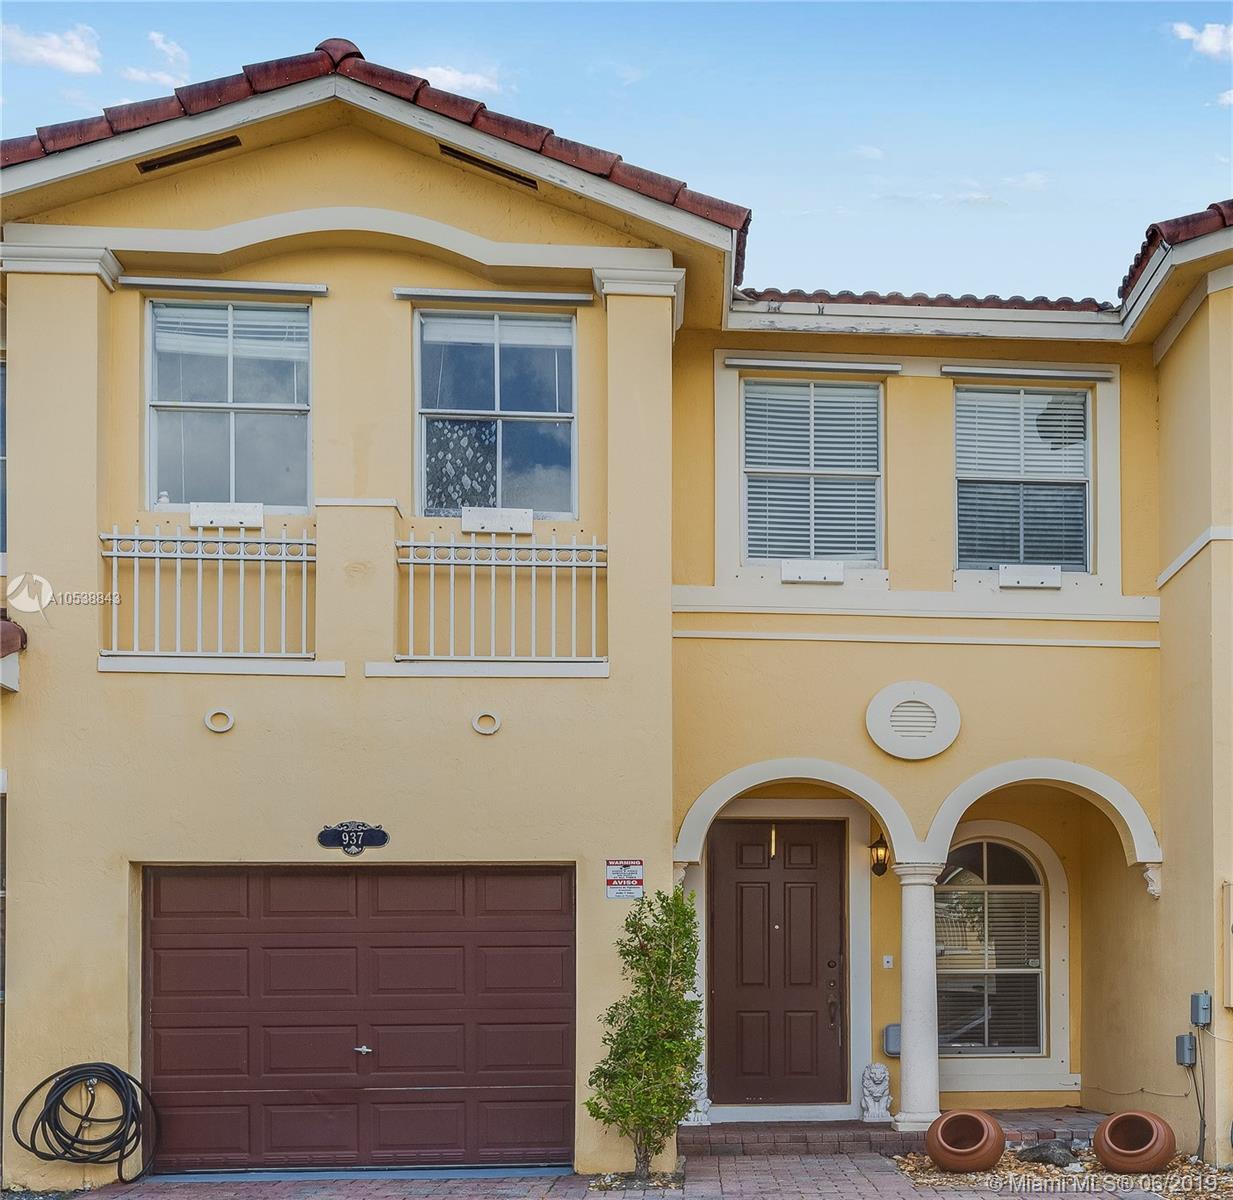 937 Sw 151st Pl Miami, FL 33194